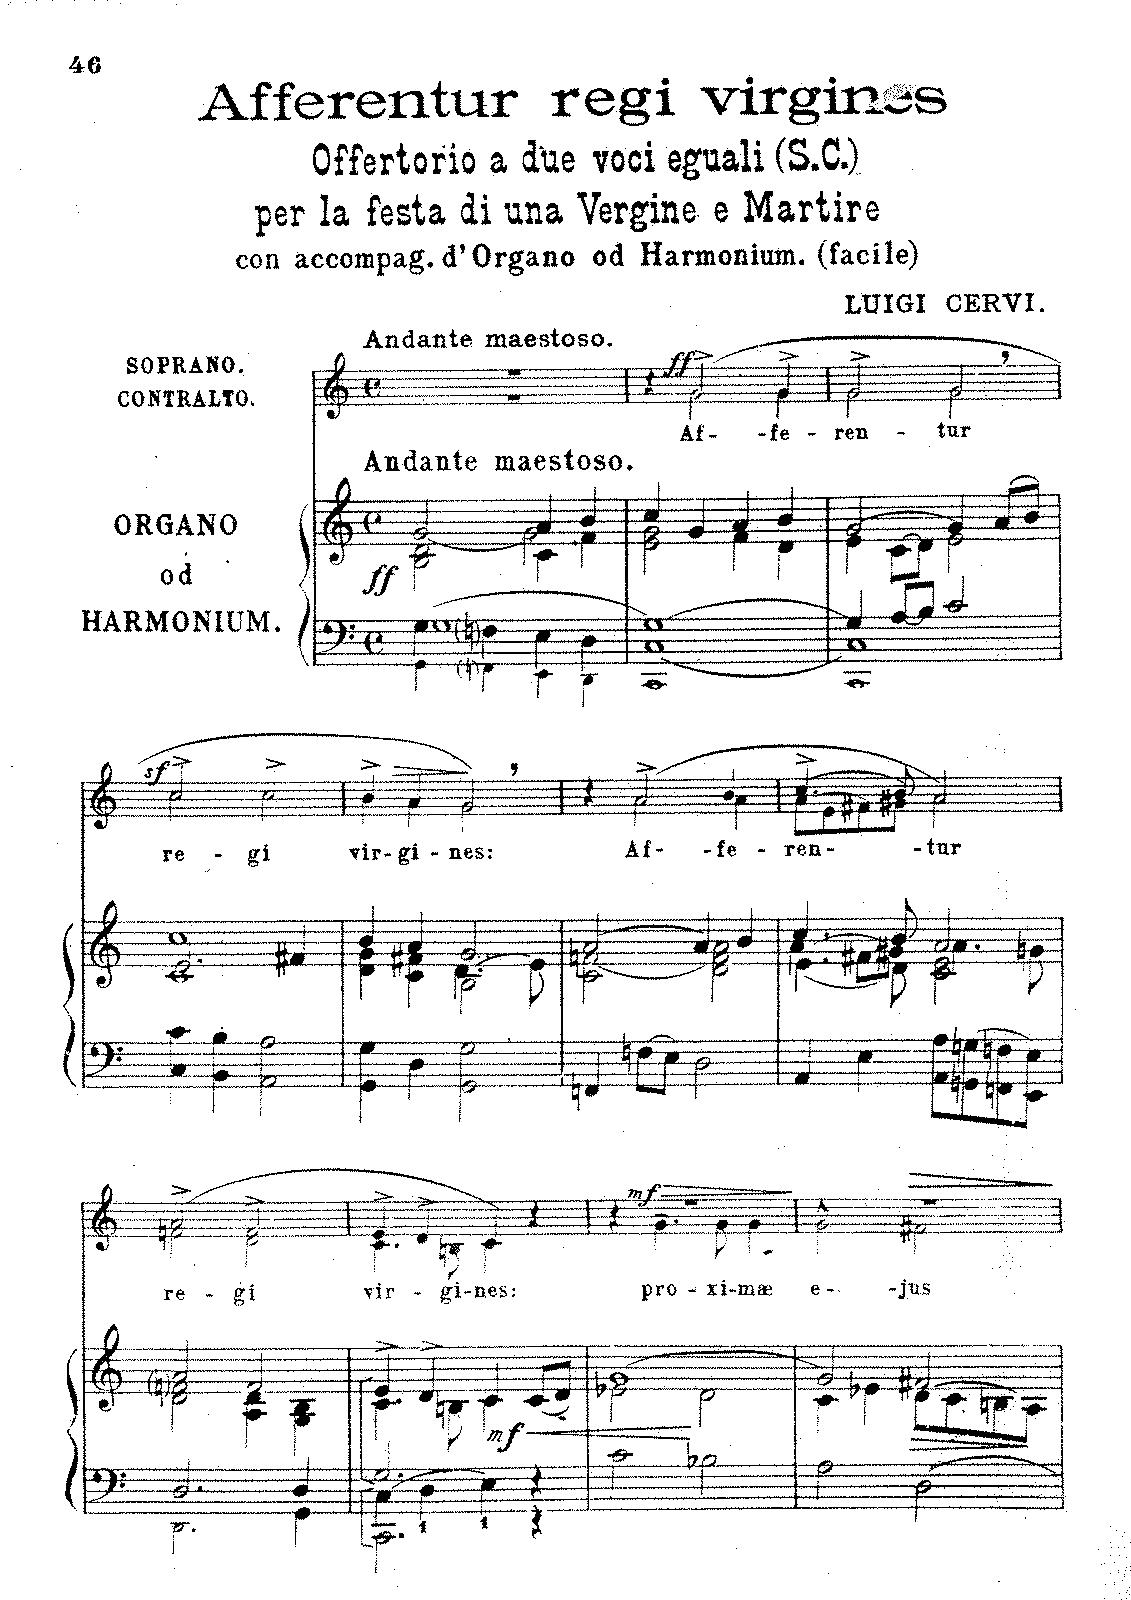 Afferentur regi virgines (Cervi, Luigi) - IMSLP/Petrucci